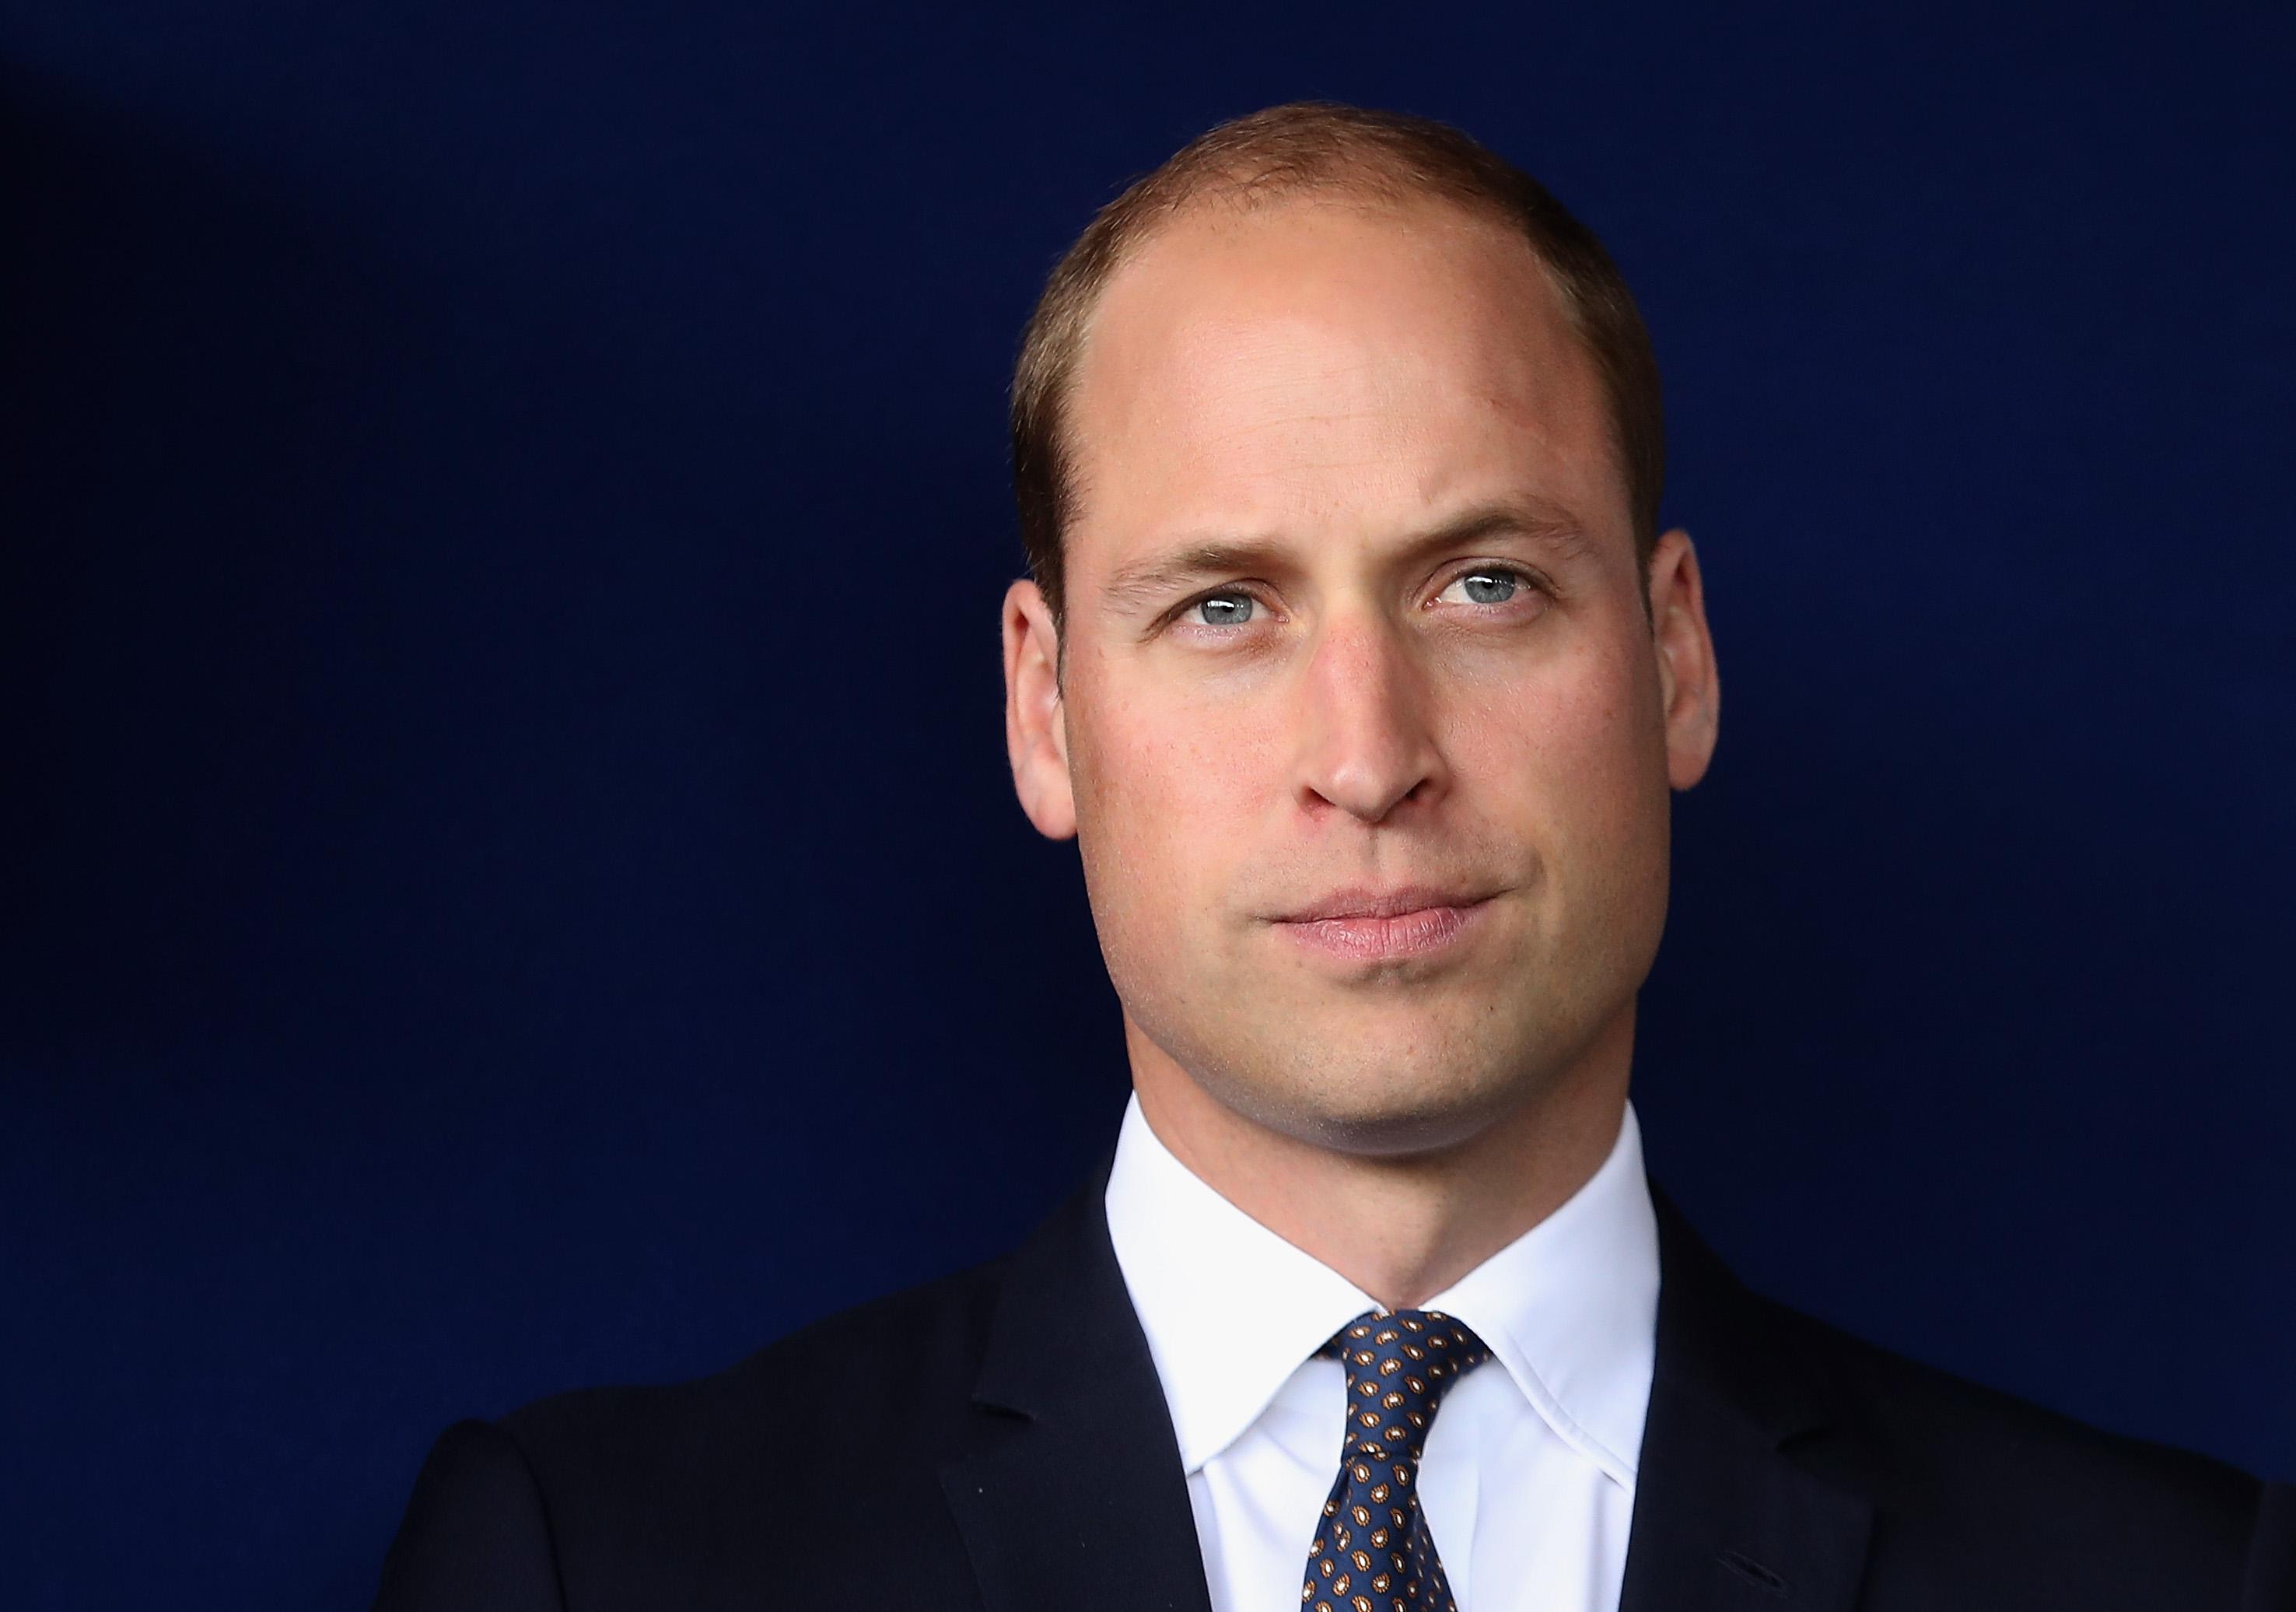 Герцог Кембриджский Принц Уильям: фото, биография, досье